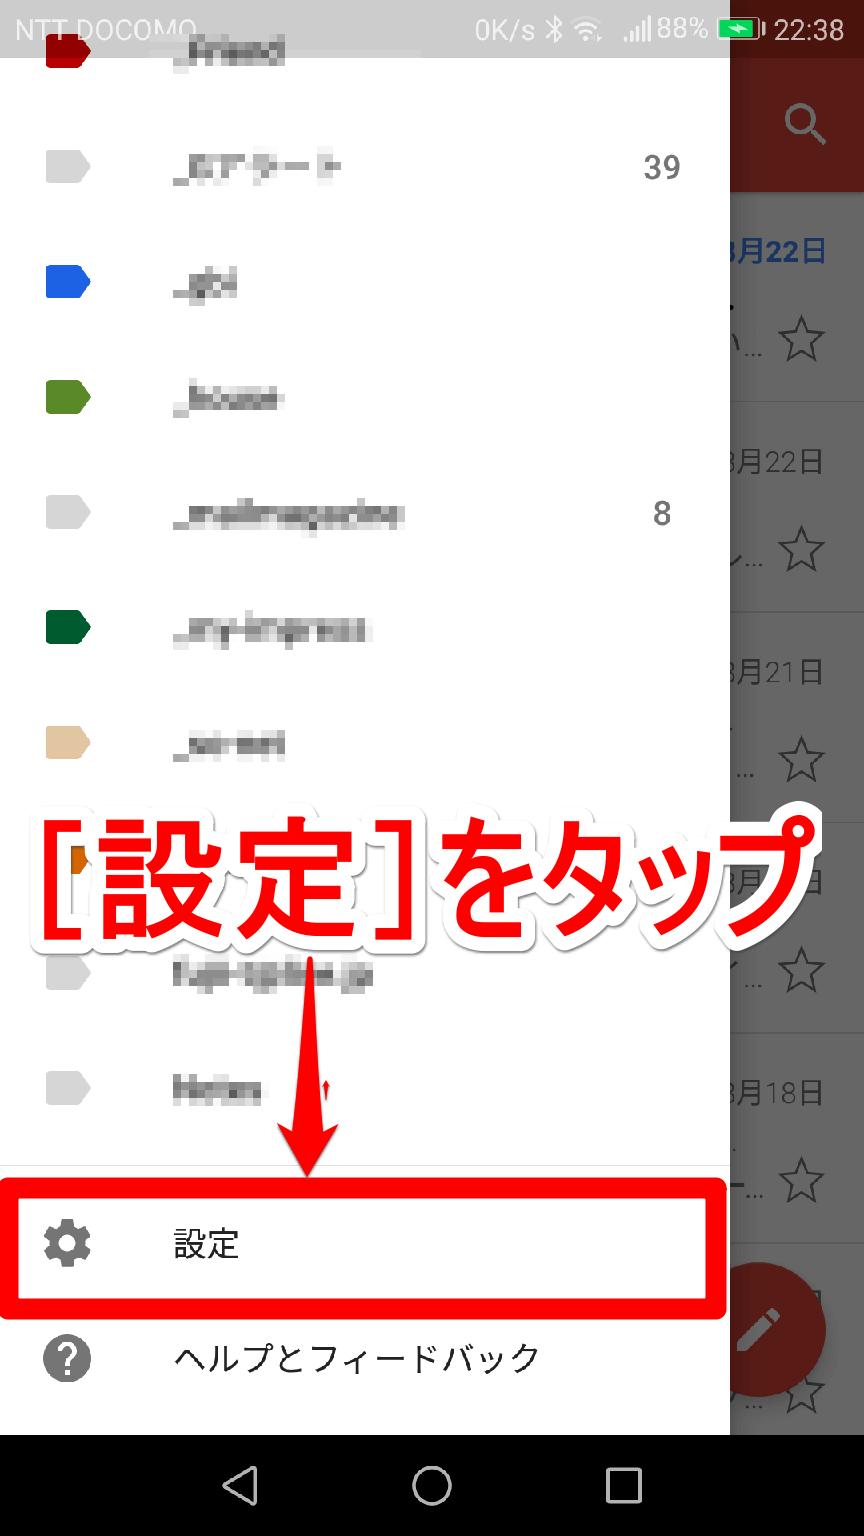 Android(アンドロイド)版Gmail(ジーメール)アプリのメニュー画面(下部)